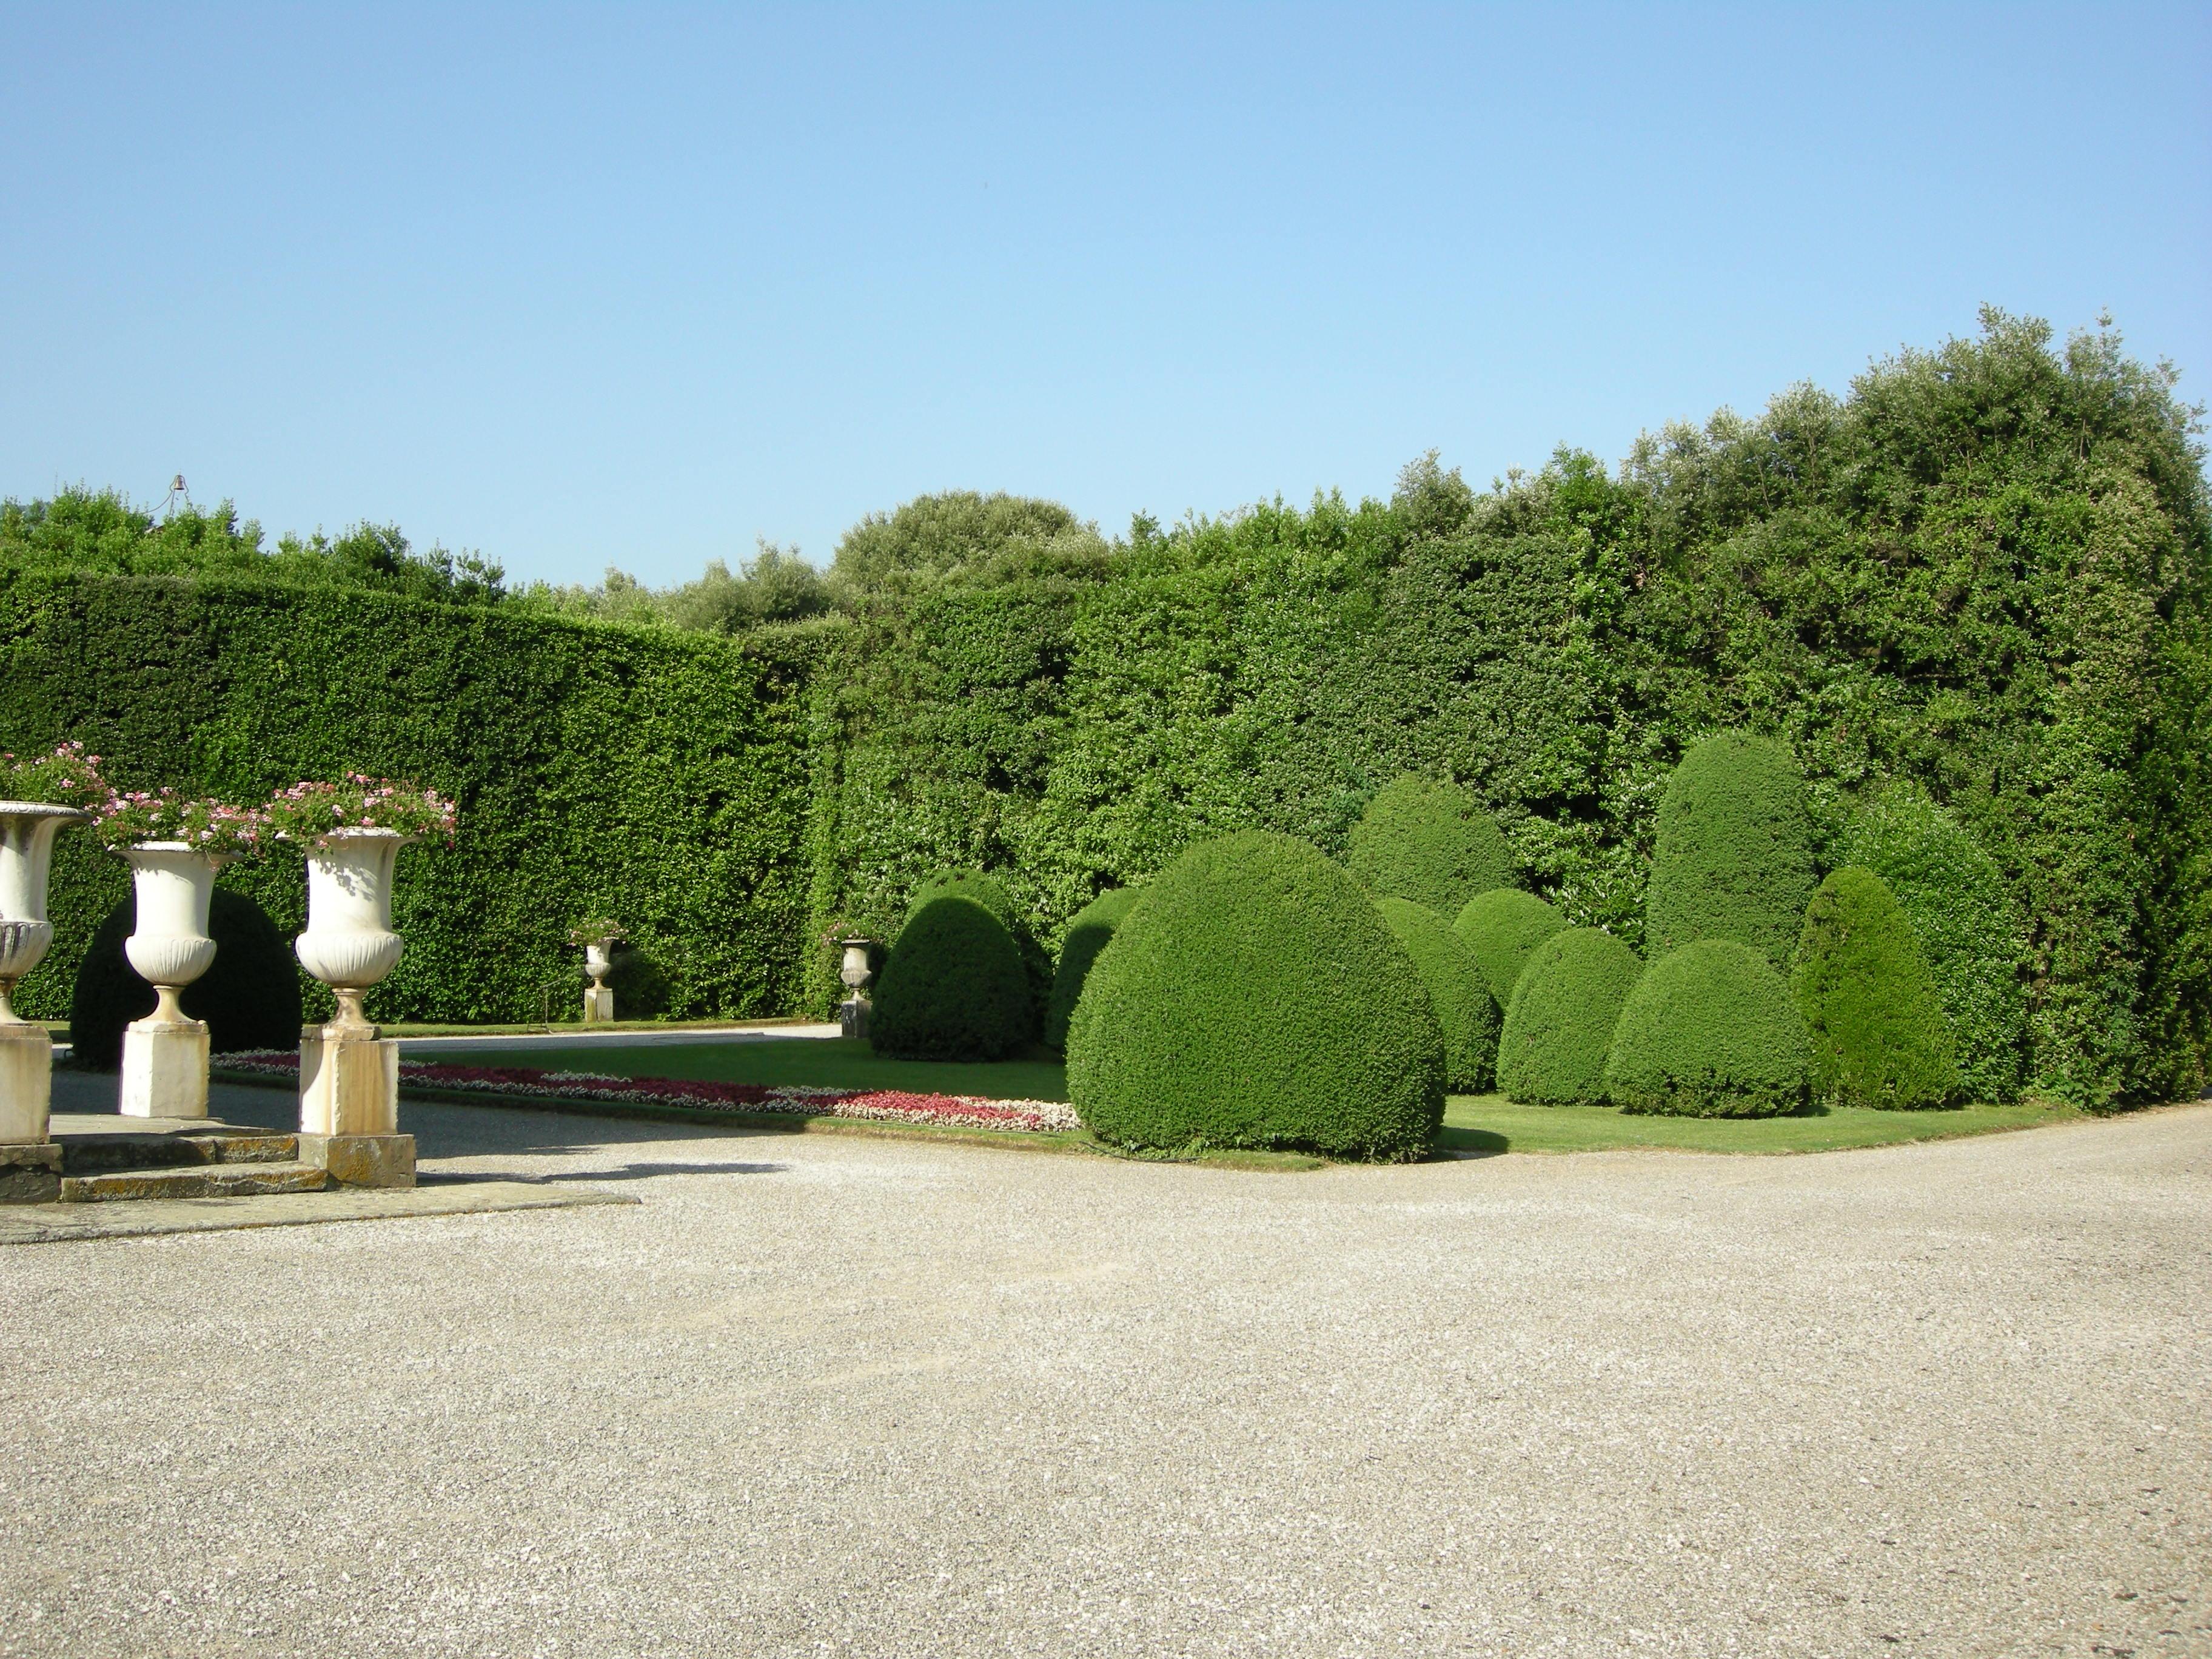 Siepi da giardino: le migliori specie arboree e la giusta distanza dal confine